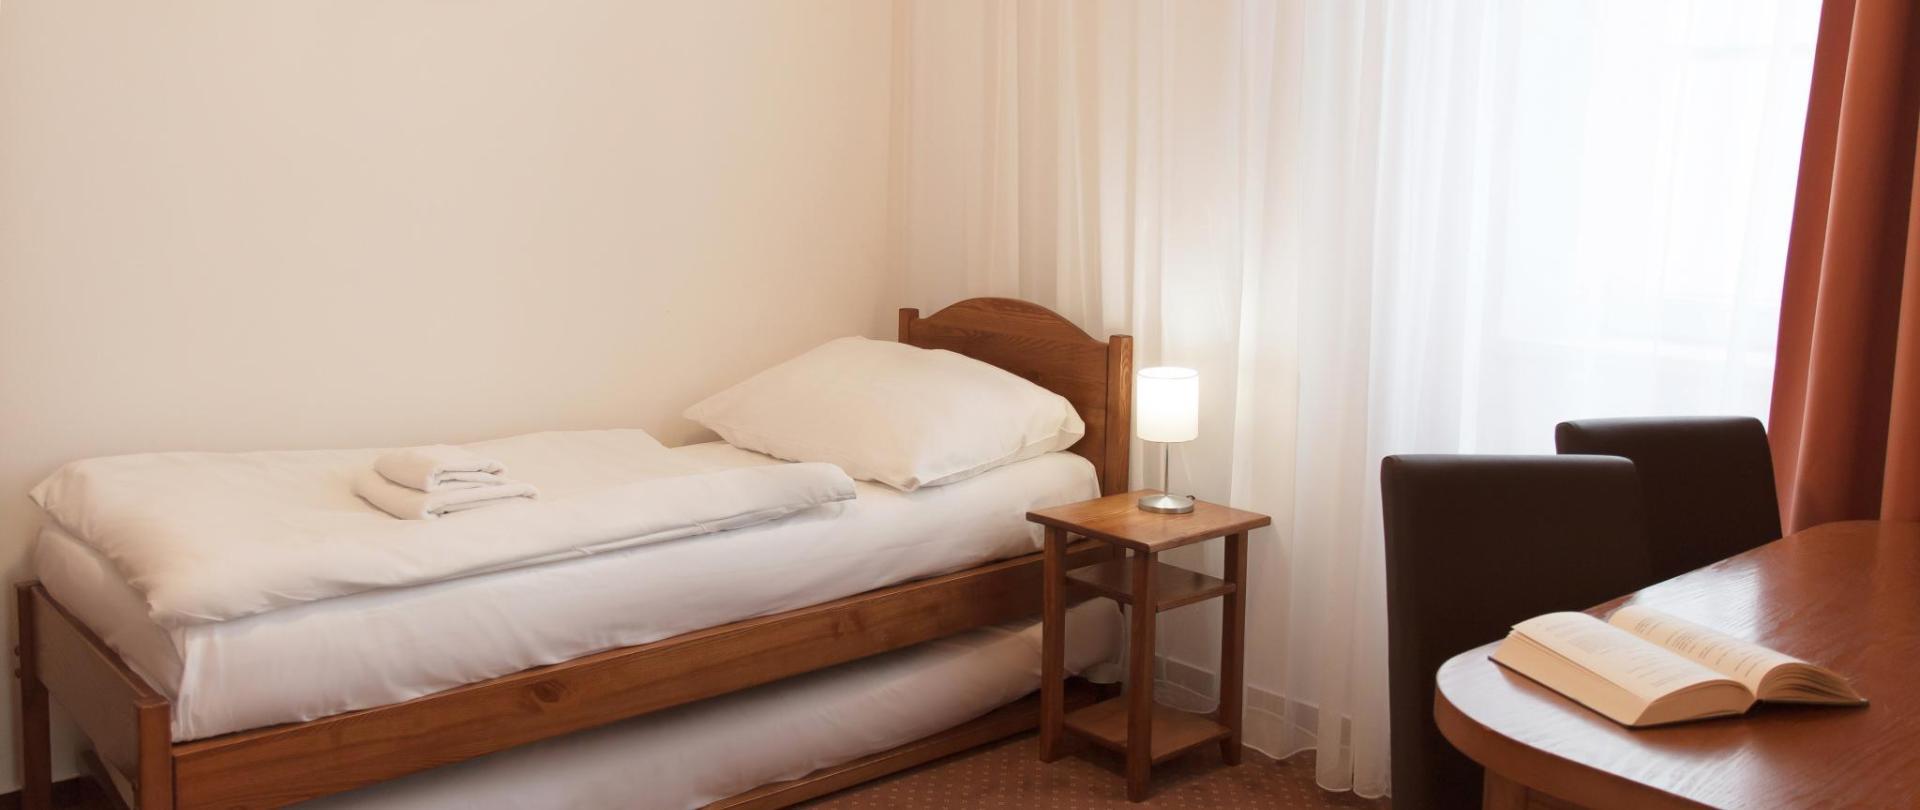 apartman pokoj nalevo postel 0372.jpg